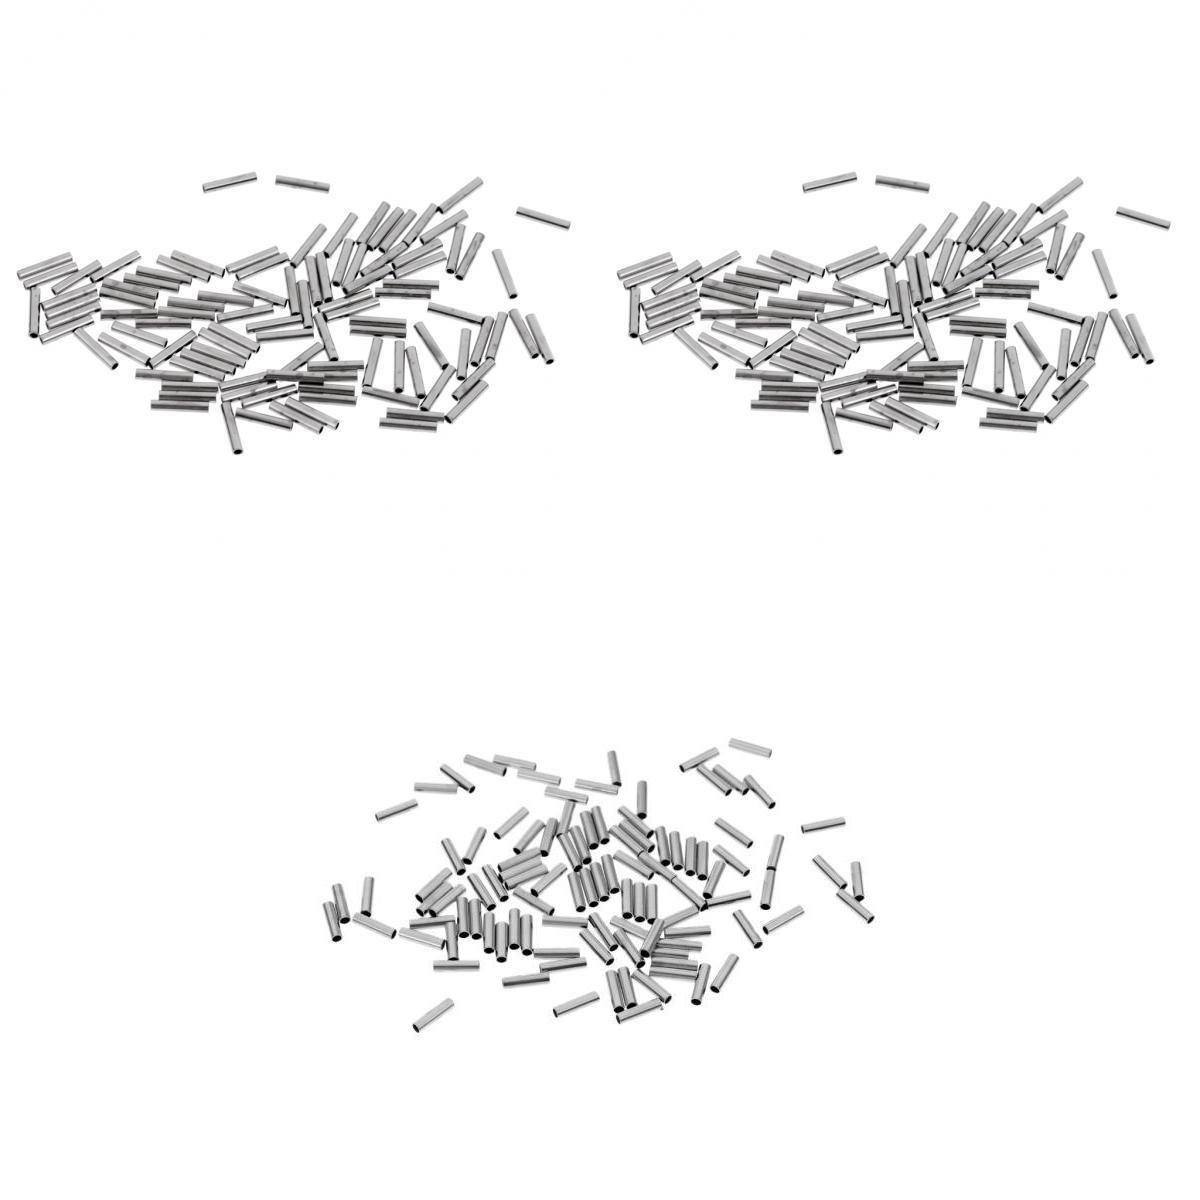 JENZI Quetschhülsen Klemmhülsen zur Stahlvorfachanfertigung 0,6 mm ca 100 Stk.